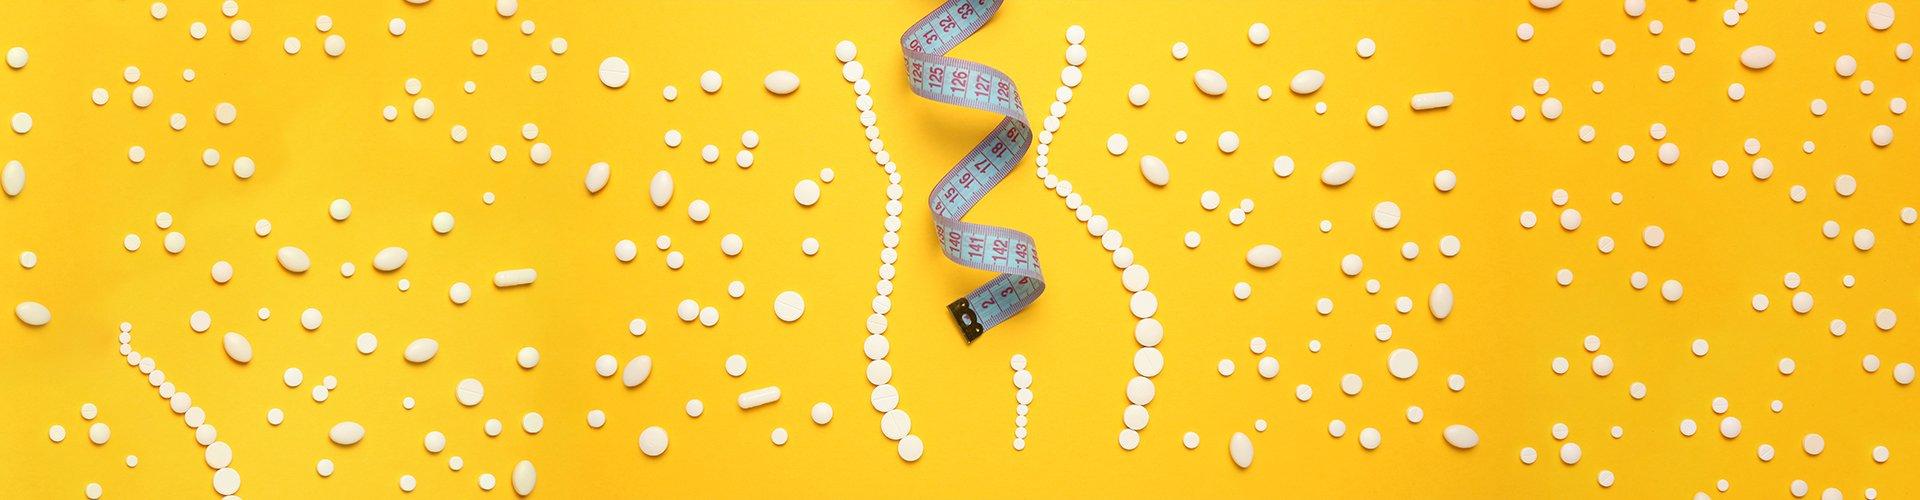 Συμπληρώματα Αδυνατίσματος, Λιποδιαλύτες